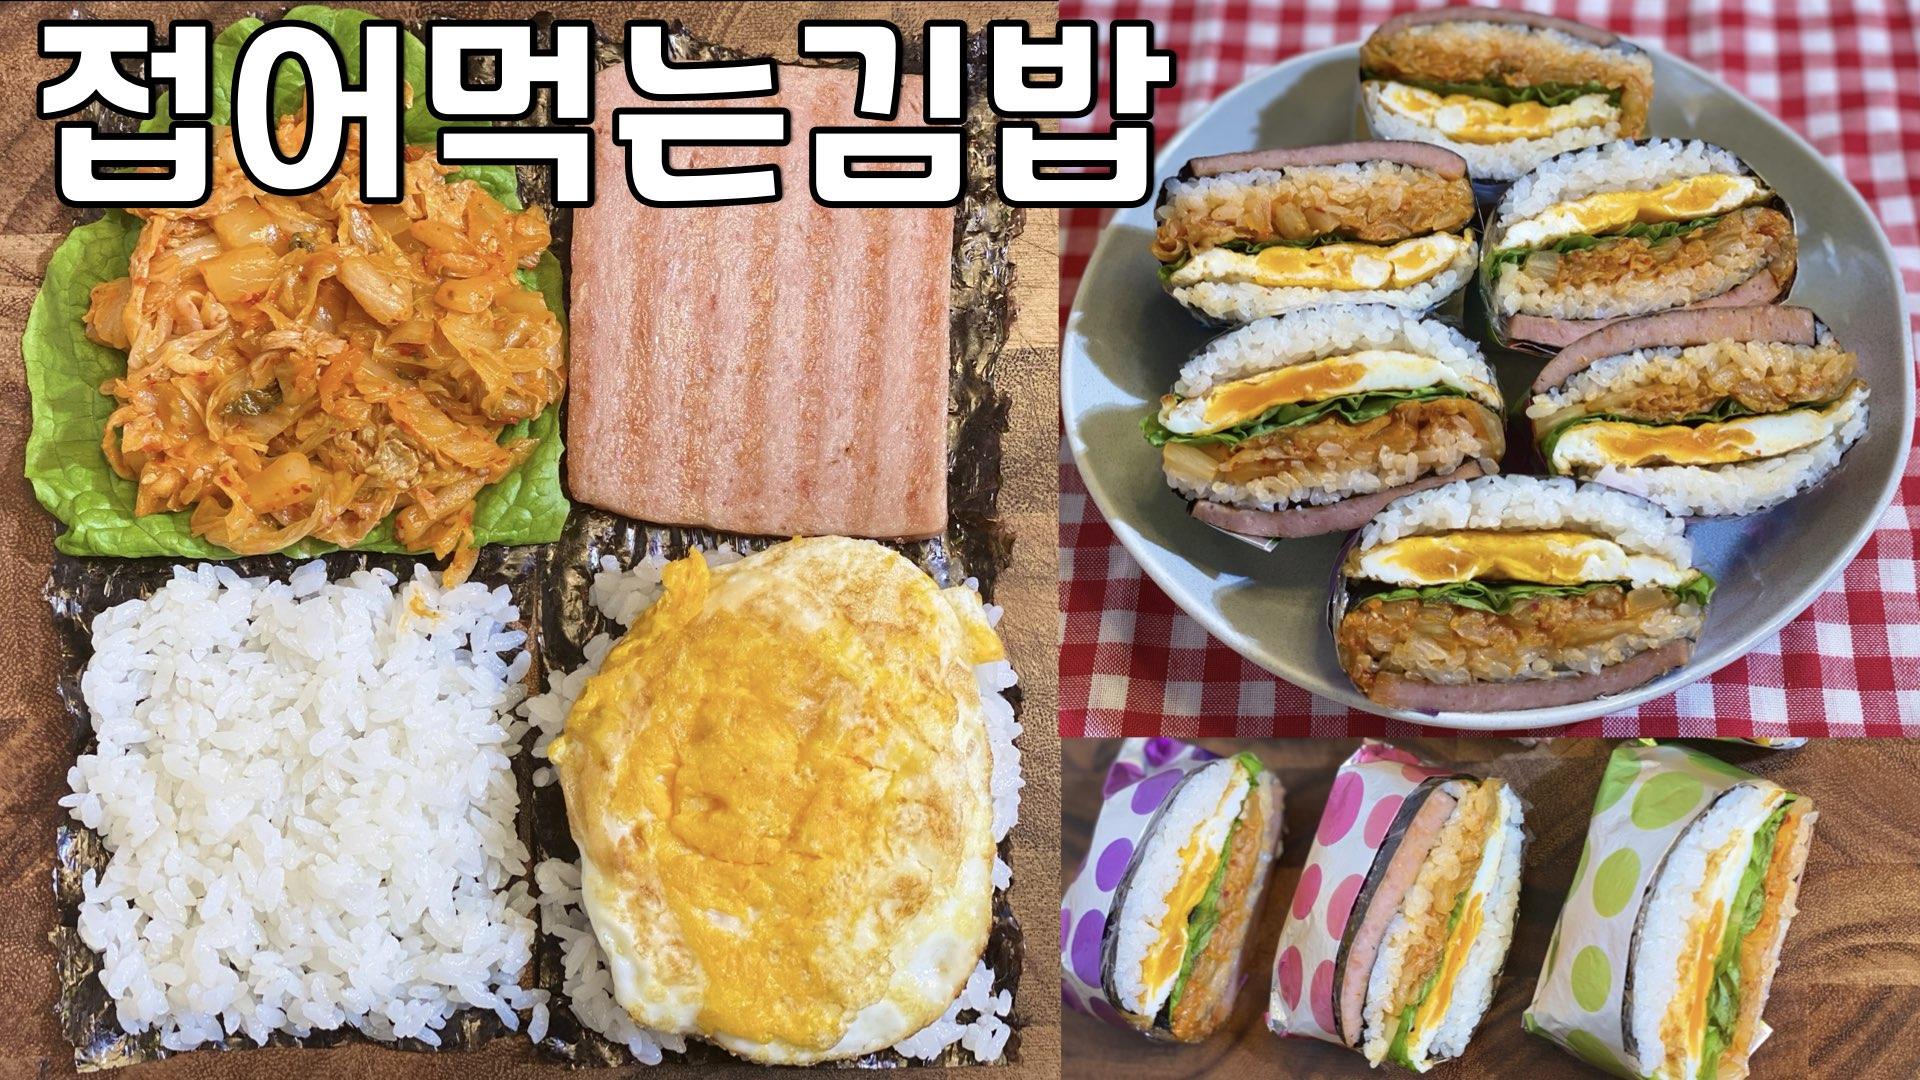 접어먹는김밥 2탄 | 올리브네 간단레시피 | 간단한 재료로 빠르게 준비하여 간편하게 먹을 수 있는 방법 | Folded Kimbap Recipe